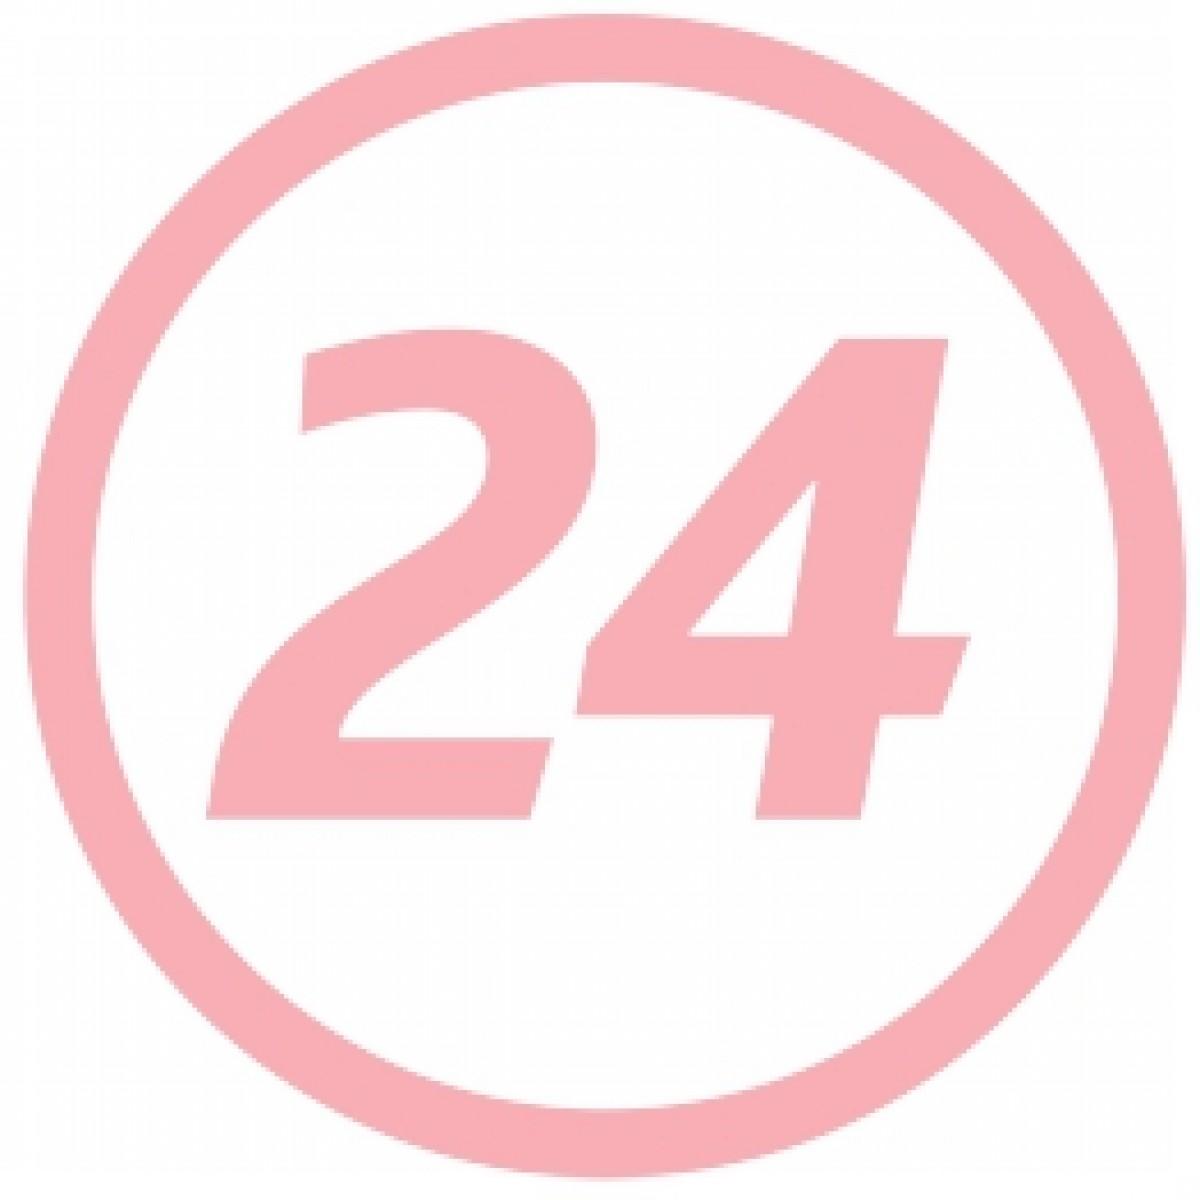 Elmiplant Skin Moisture Crema Nutritiva De Zi Pentru Ten Uscat/Sensibil, Crema, 50ml